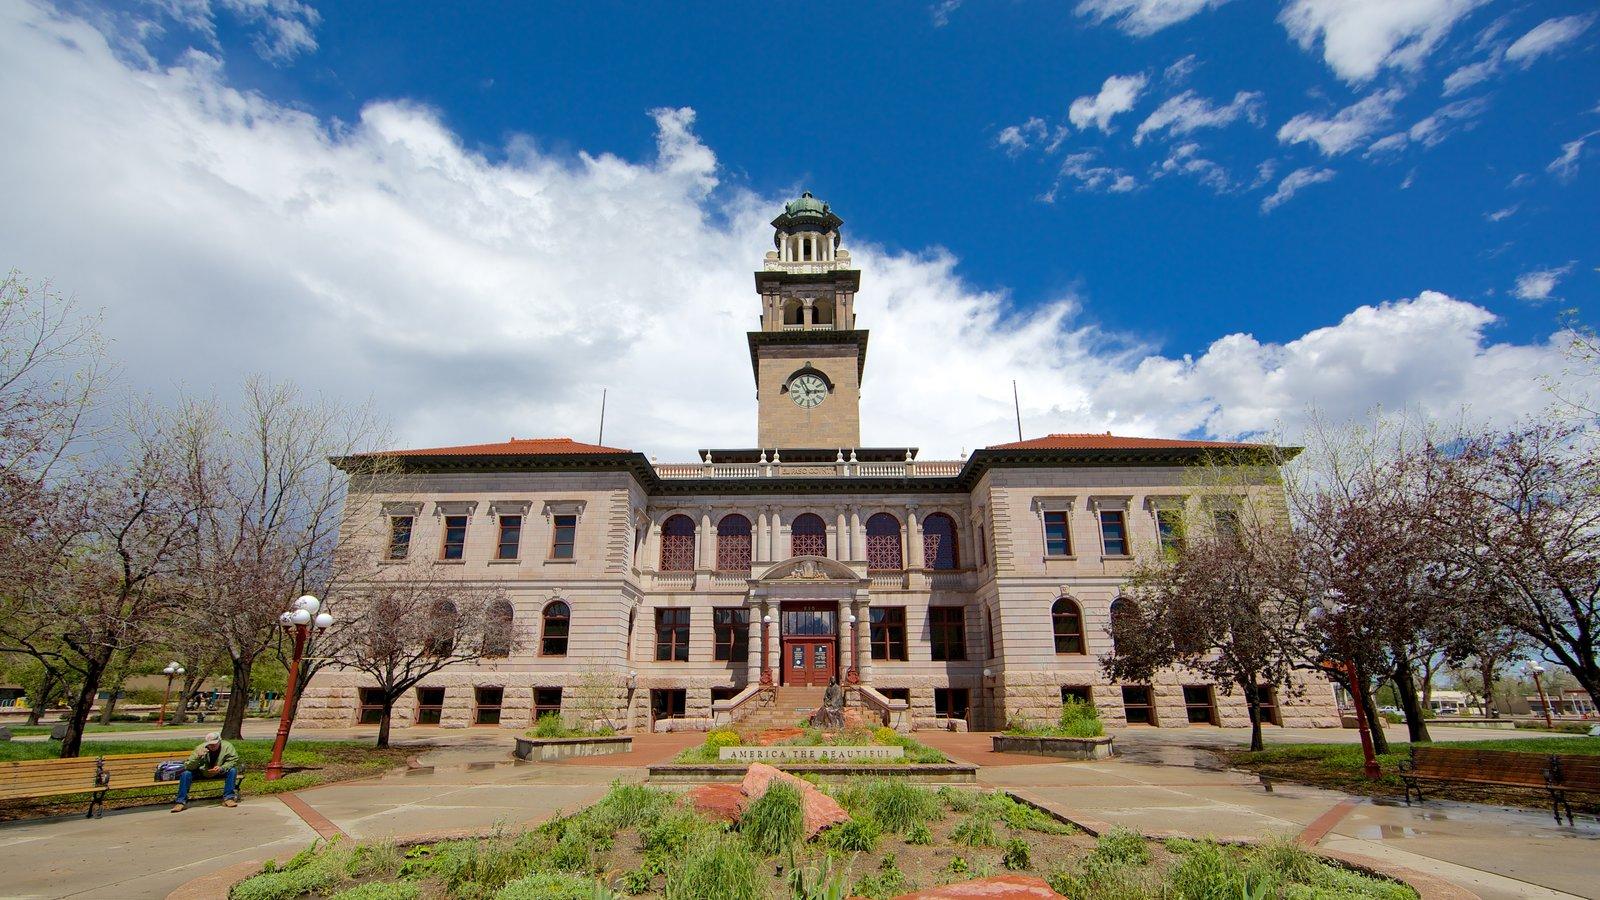 Colorado Springs caracterizando arquitetura de patrimônio